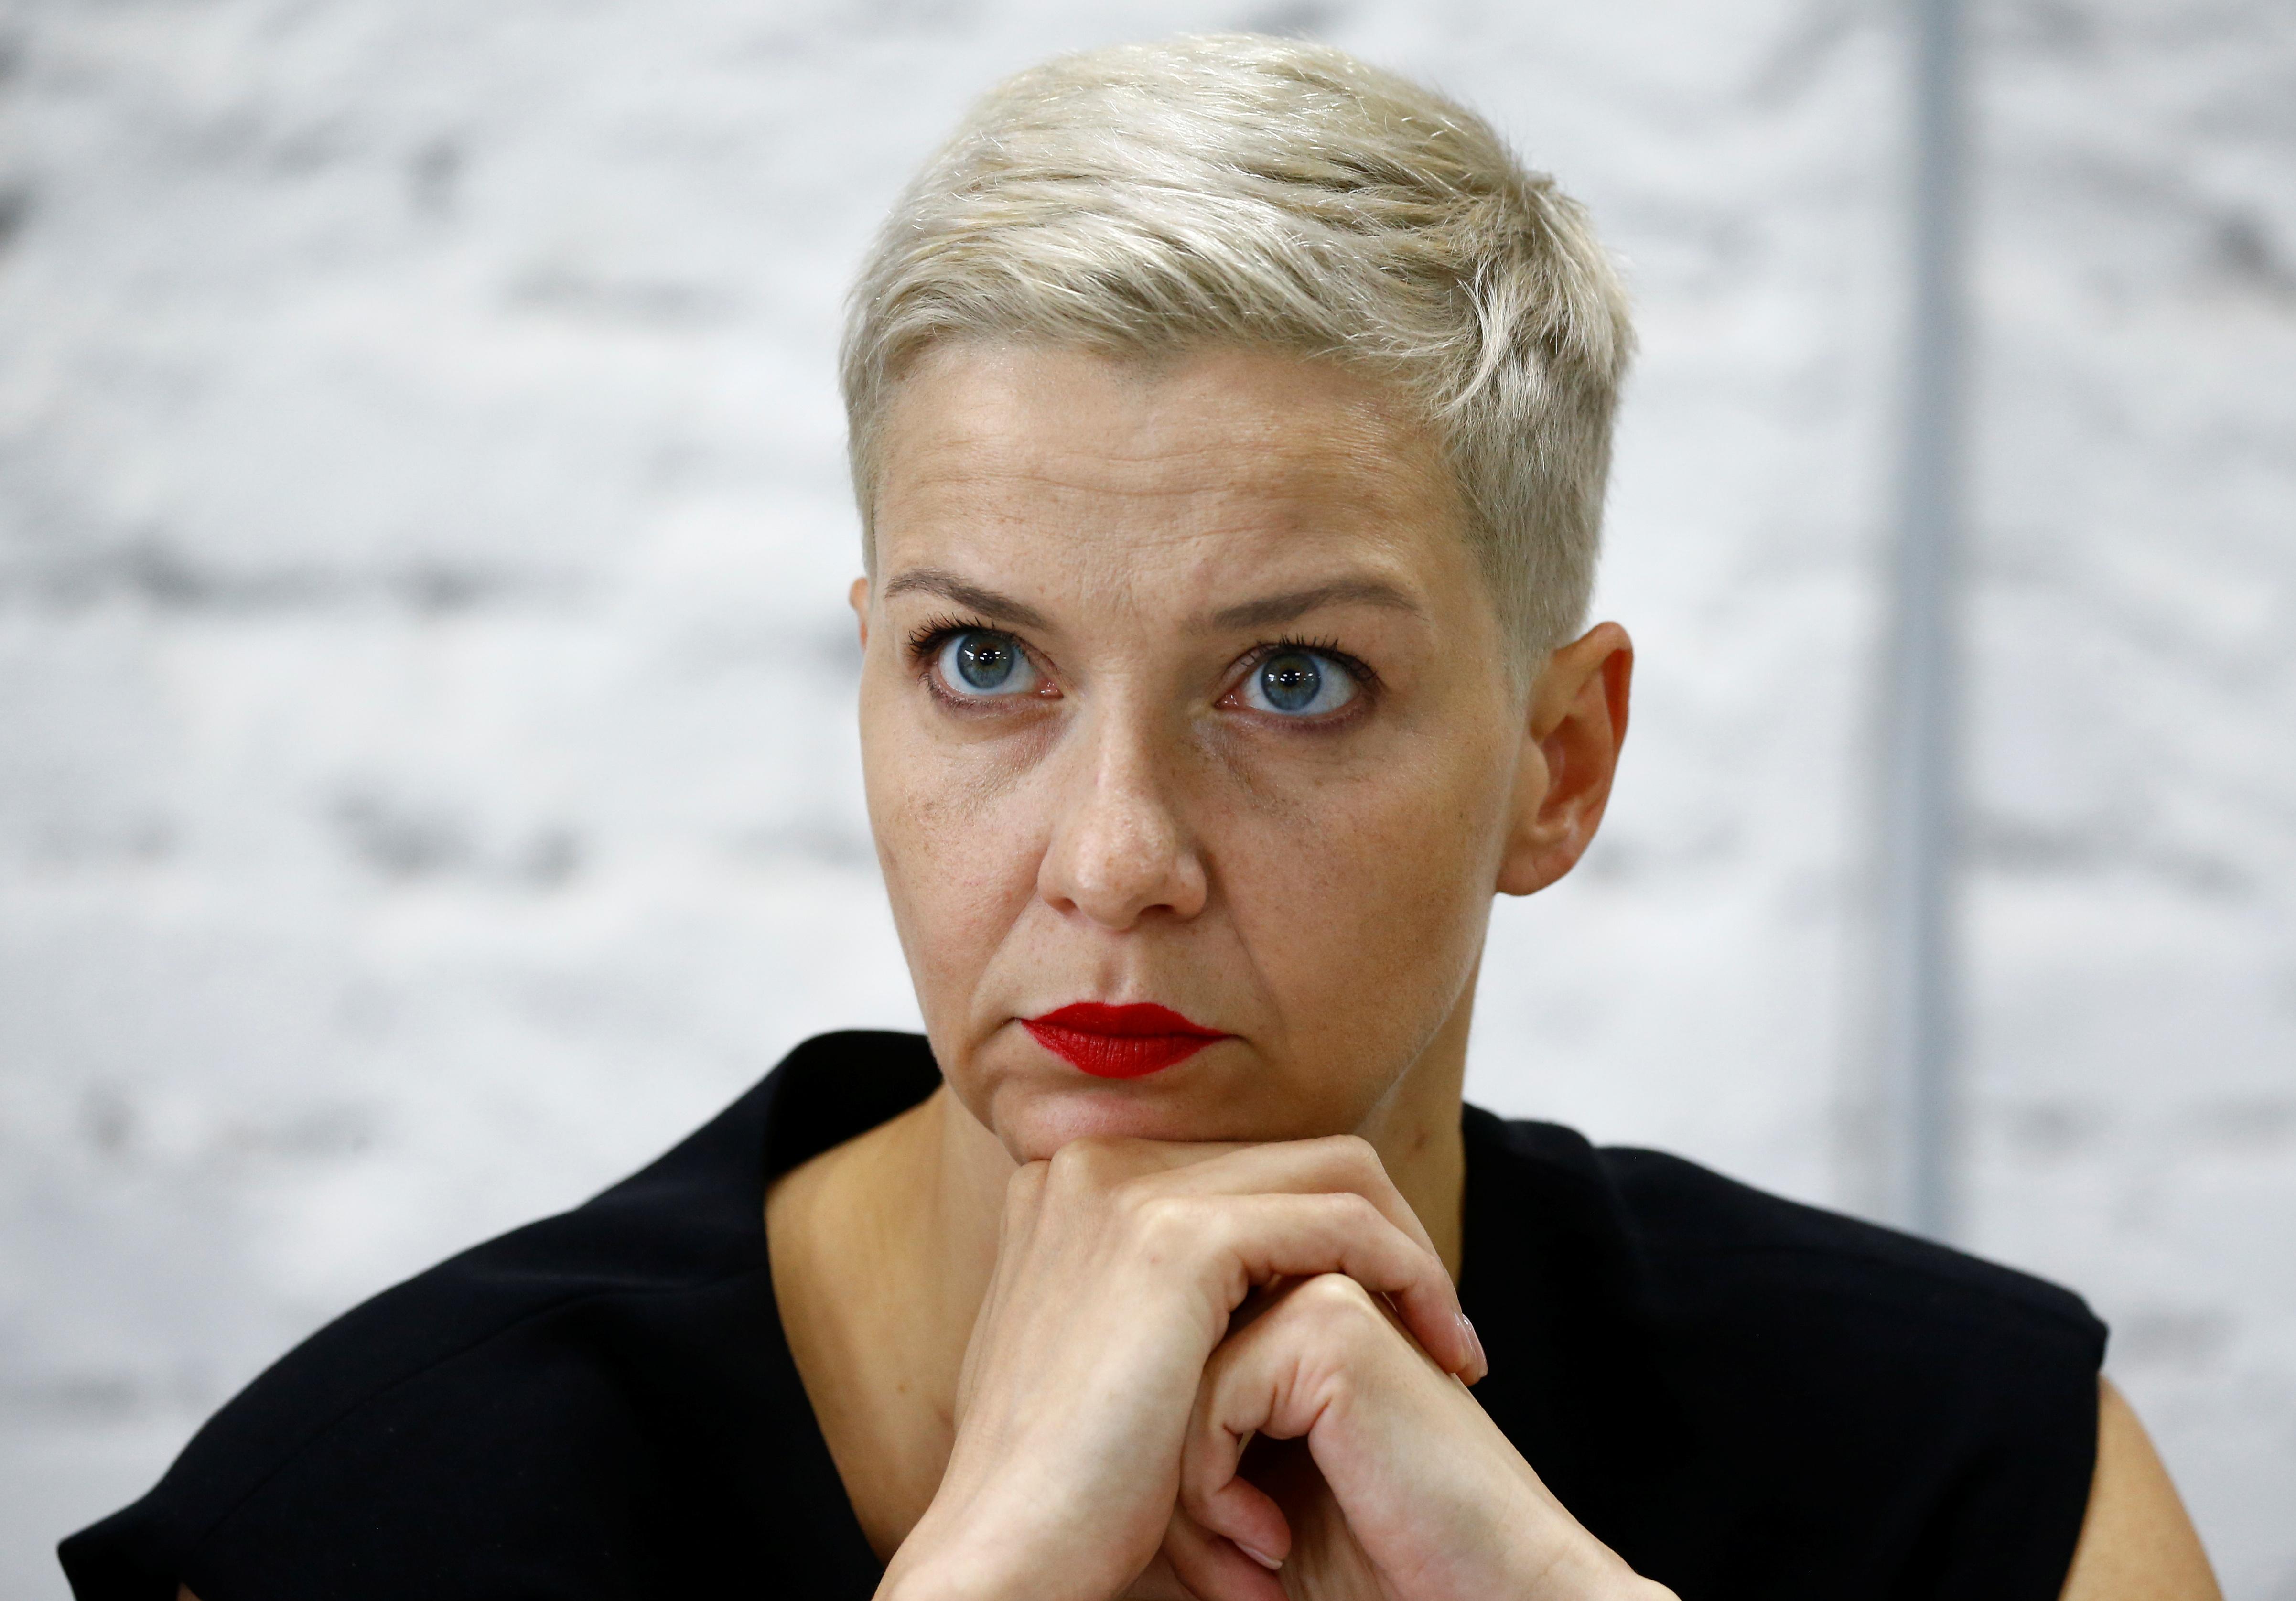 Колесникова рассказала о похищении «с мешком на голове»